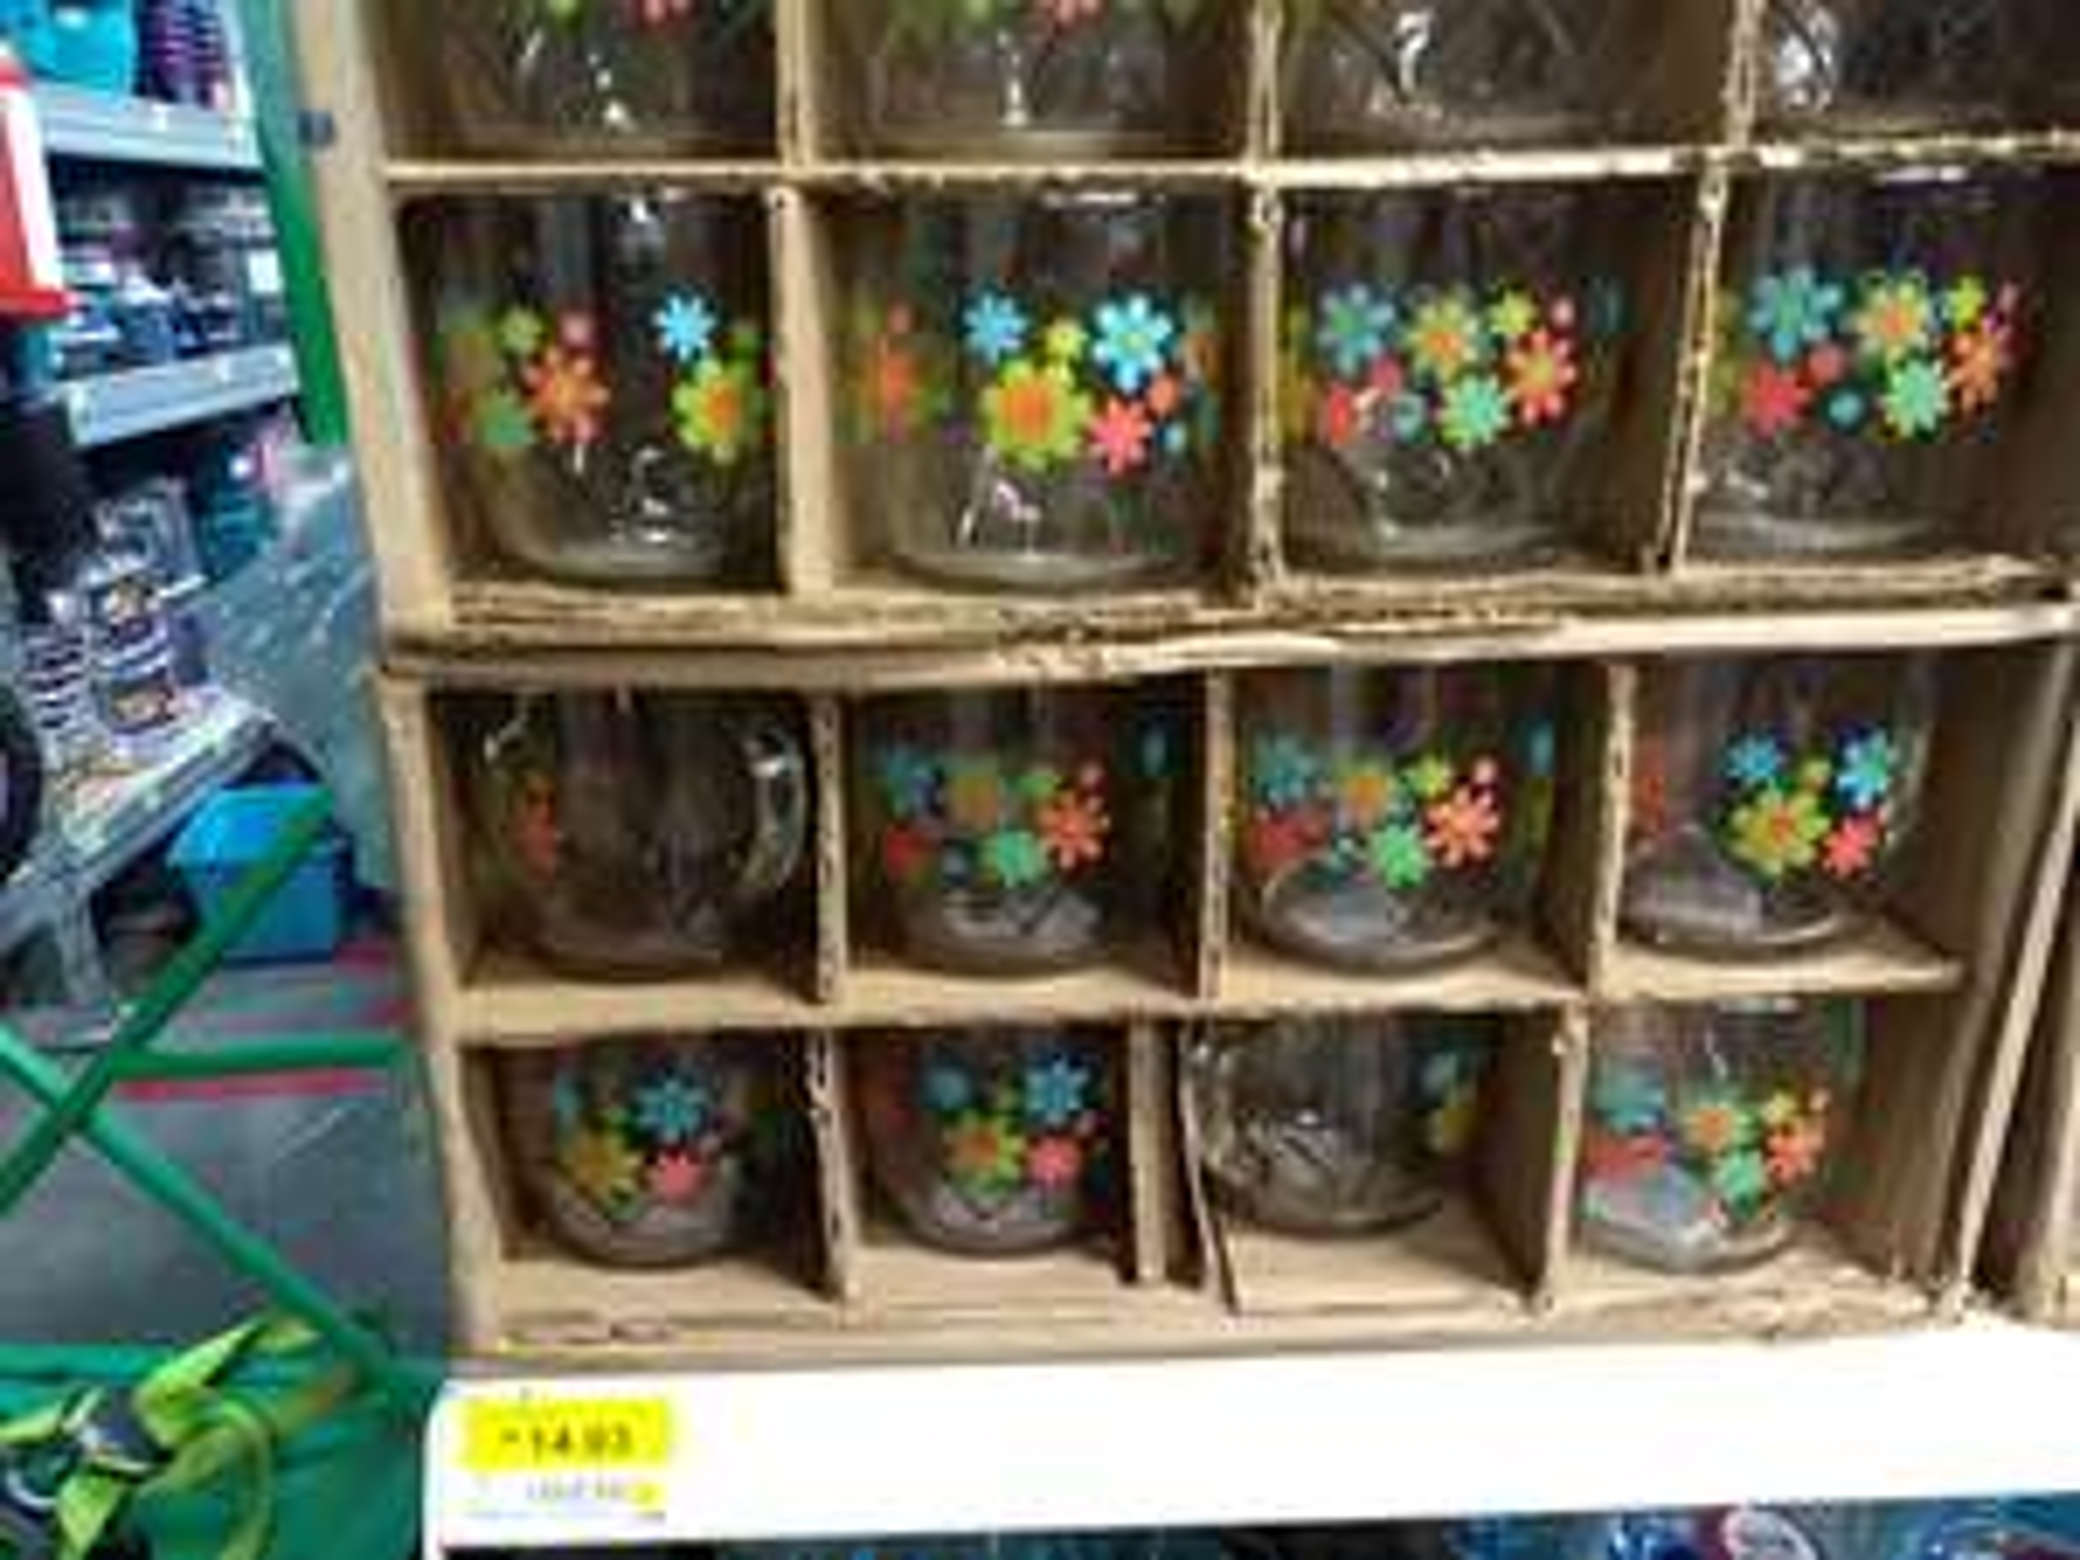 Bodega Aurrerá: Diferentes tazas y vasos con adornos navideños en el área de priichos en bodega aurrera